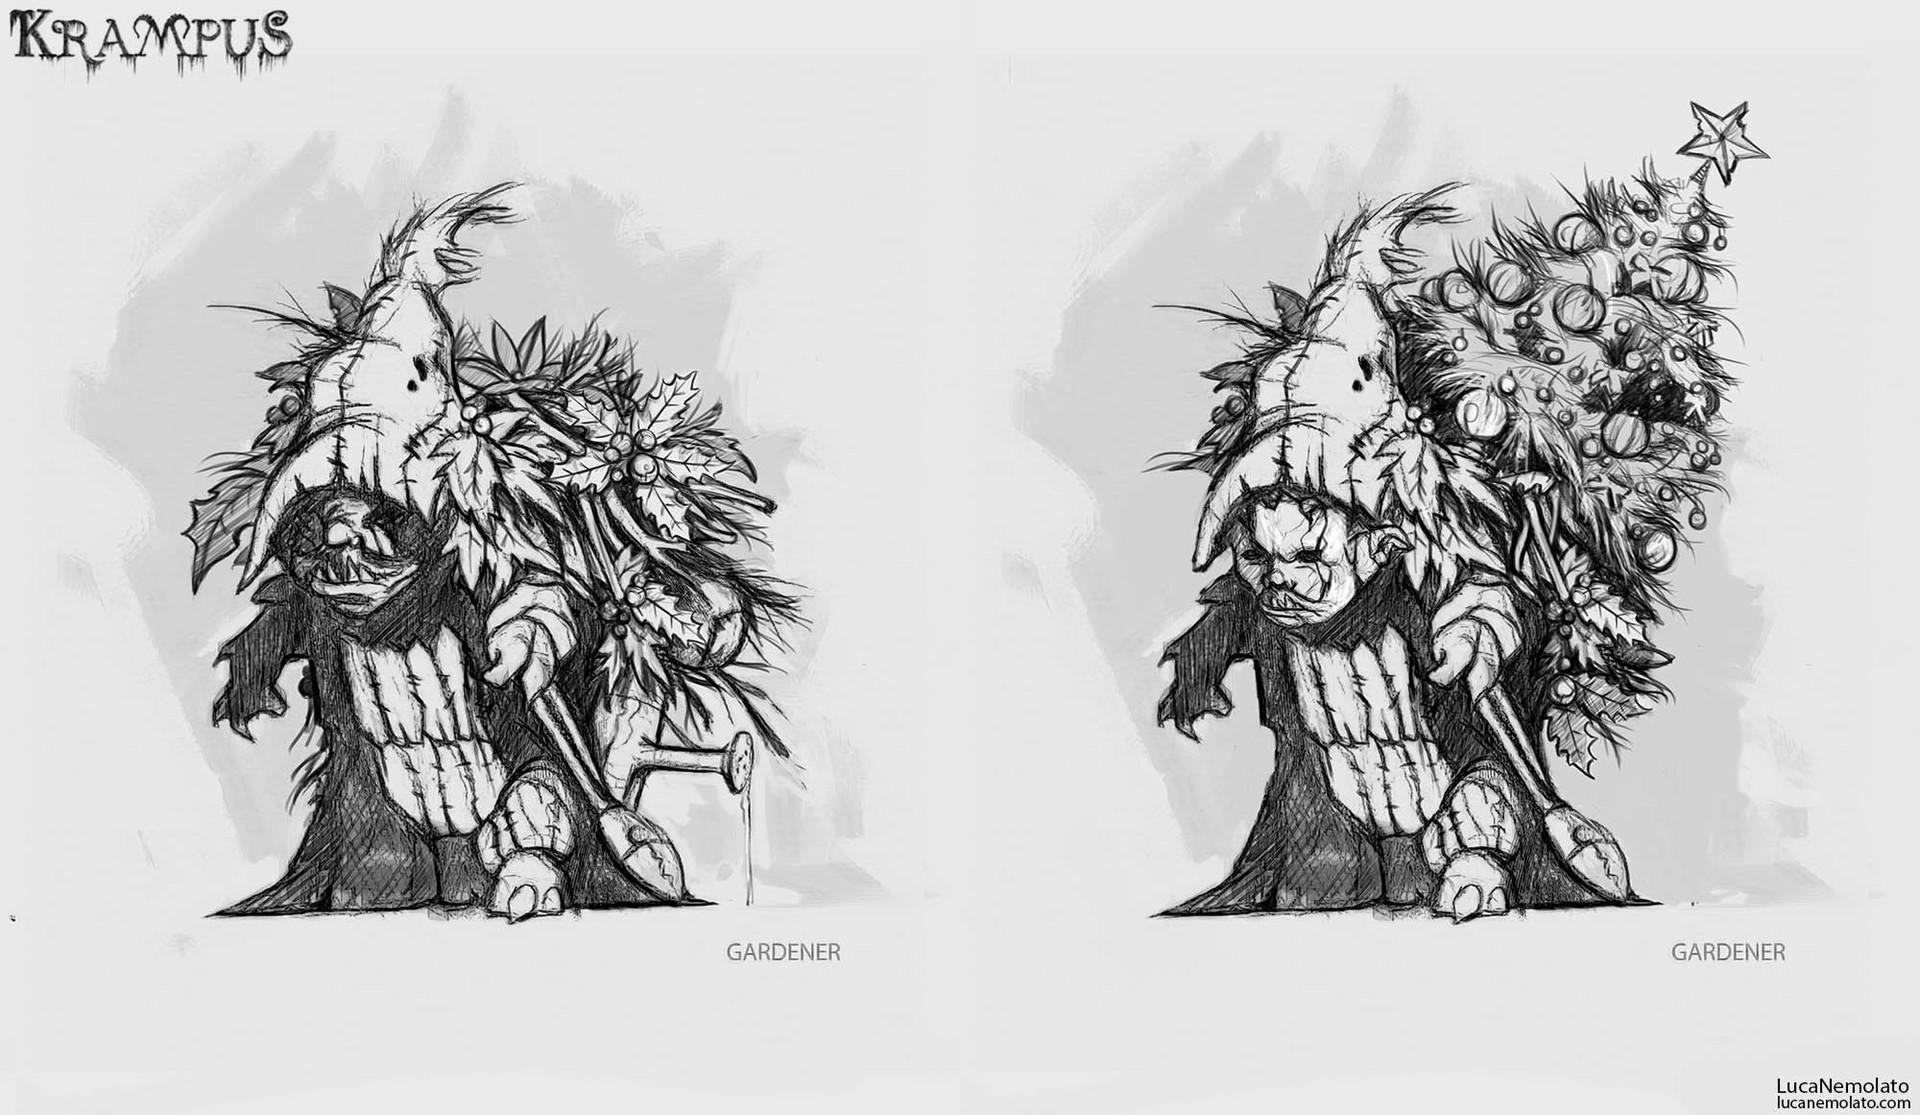 KRAMPUS Concept Art Shows Demonic Gingerbread Men, Evil Elves, and ...